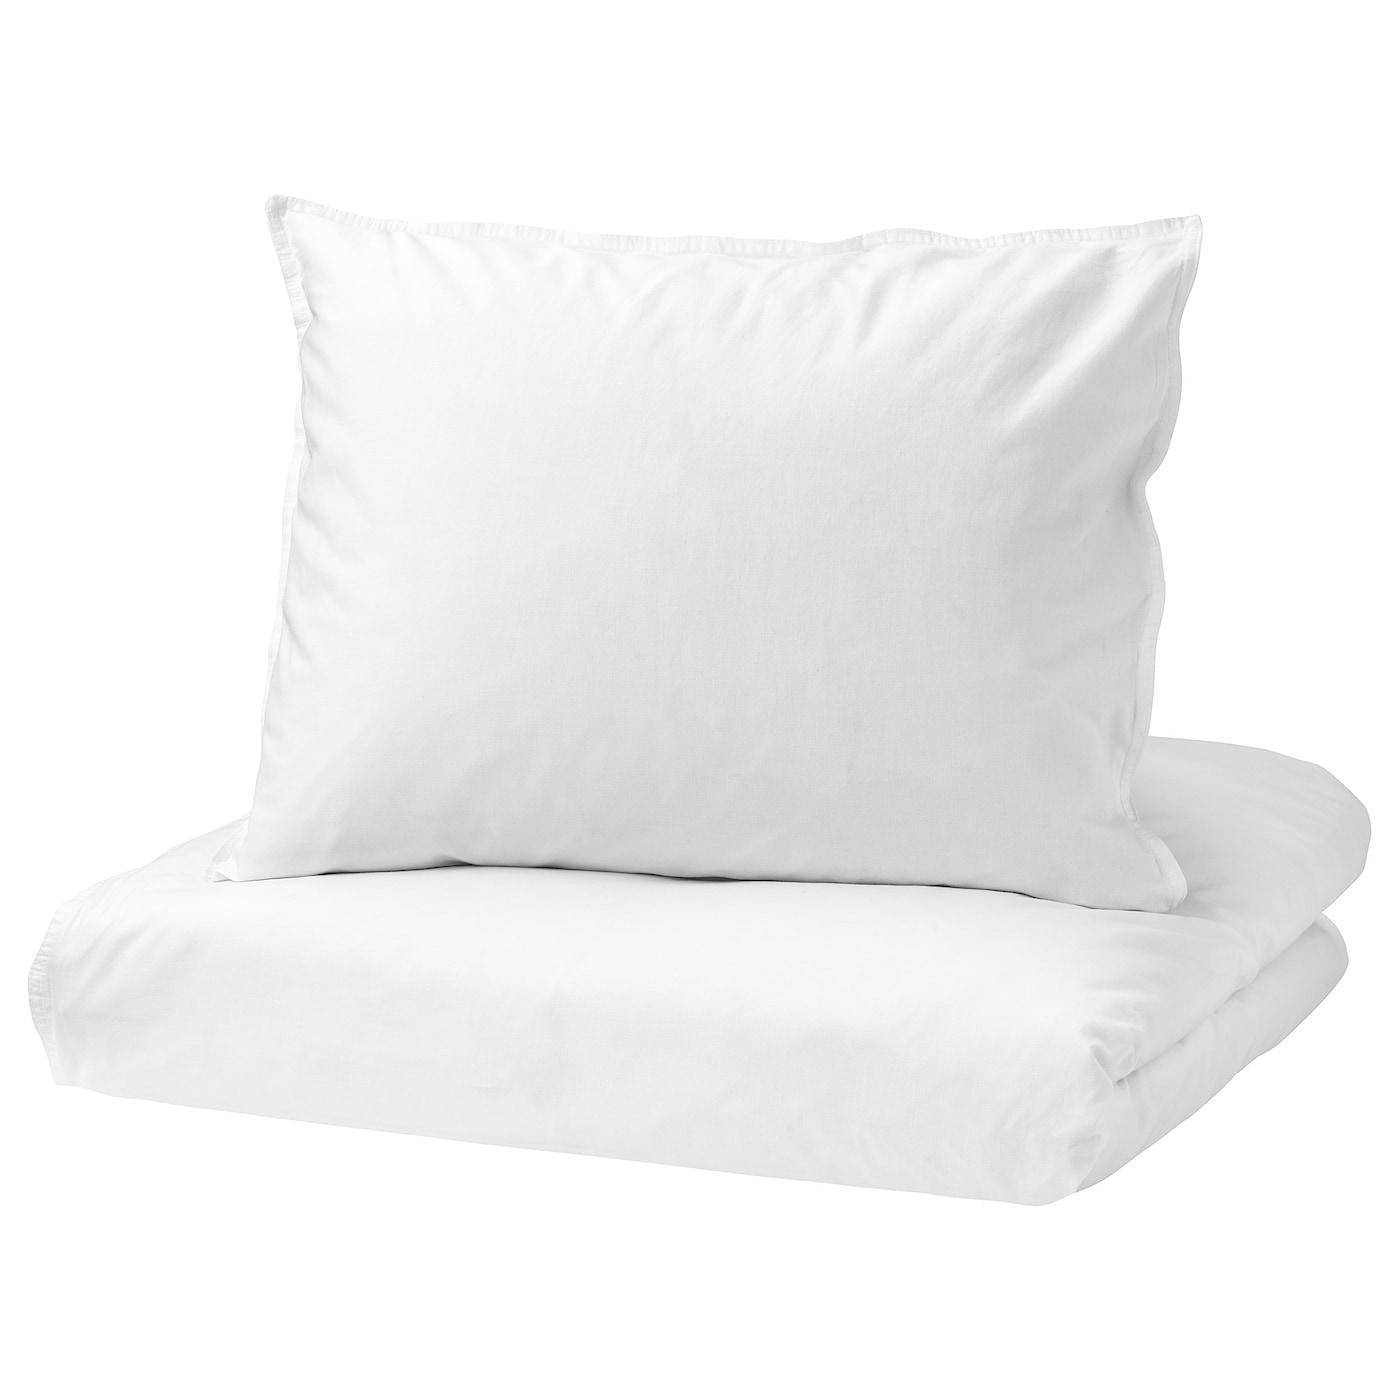 """IKEA """"NGSLILJA dekbedovertrek met 2 slopen katoen dat lekker zacht aanvoelt tegen de huid"""